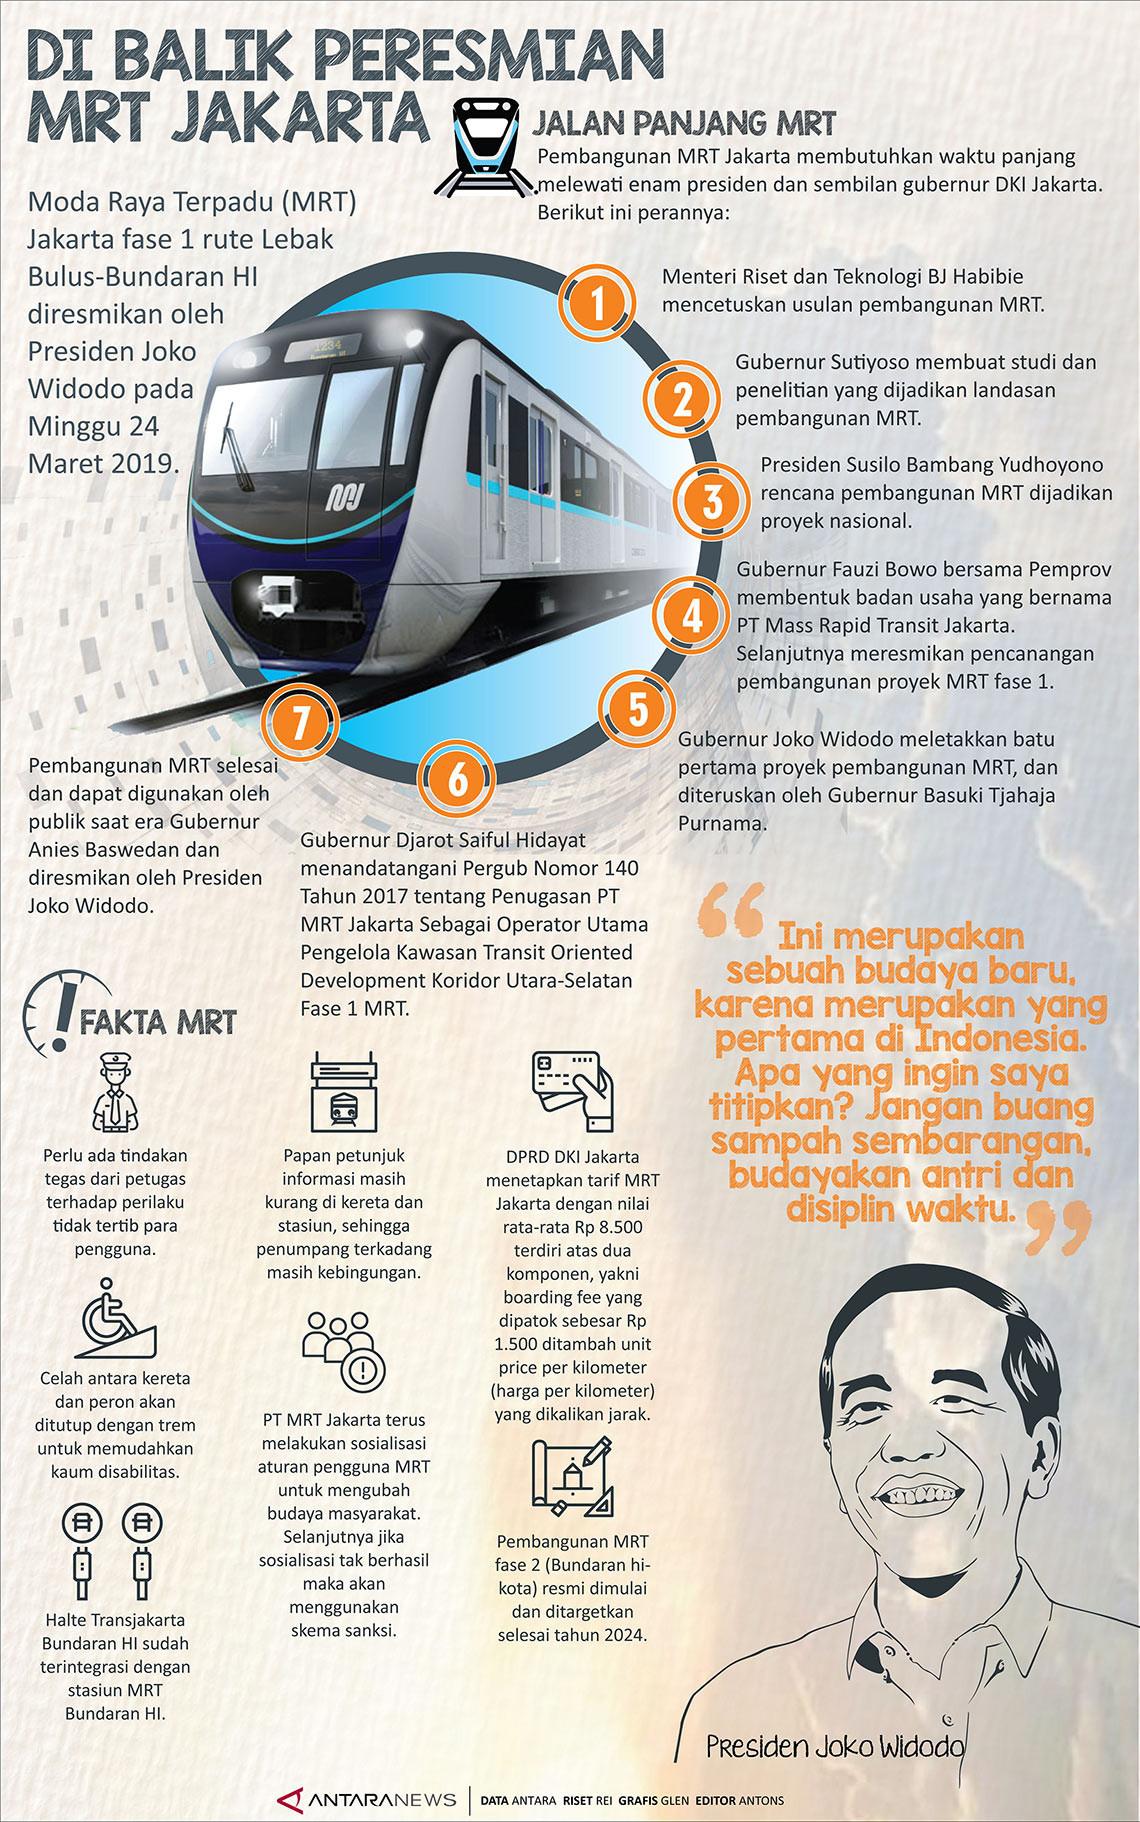 Di balik peresmian MRT Jakarta